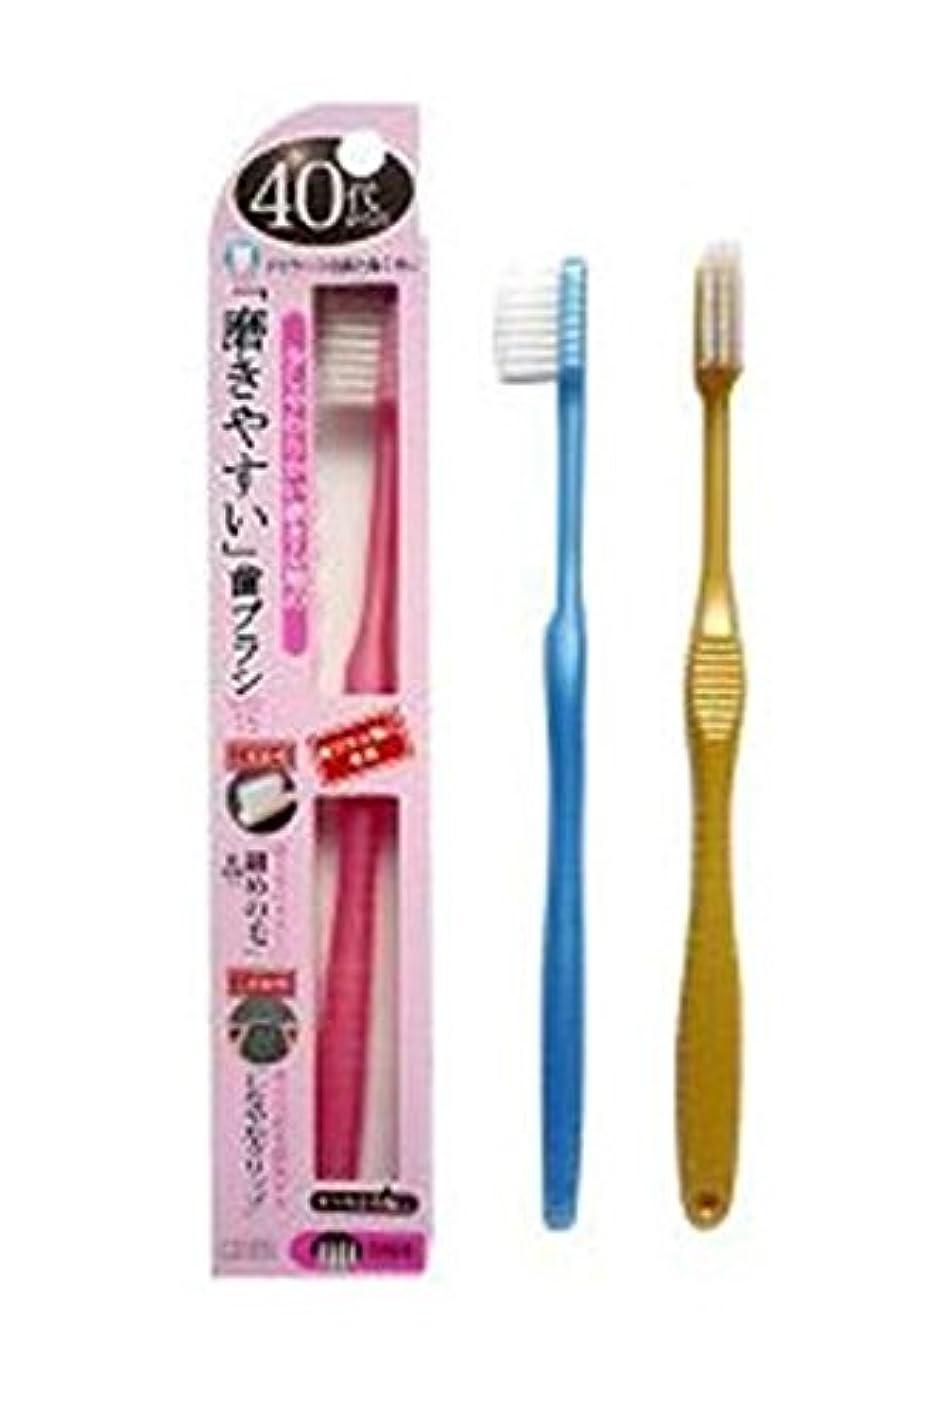 したい特に膨張するライフレンジ 40代からの「磨きやすい」歯ブラシ 先細 12本 (ピンク4、ブルー4、ゴールド4)アソート